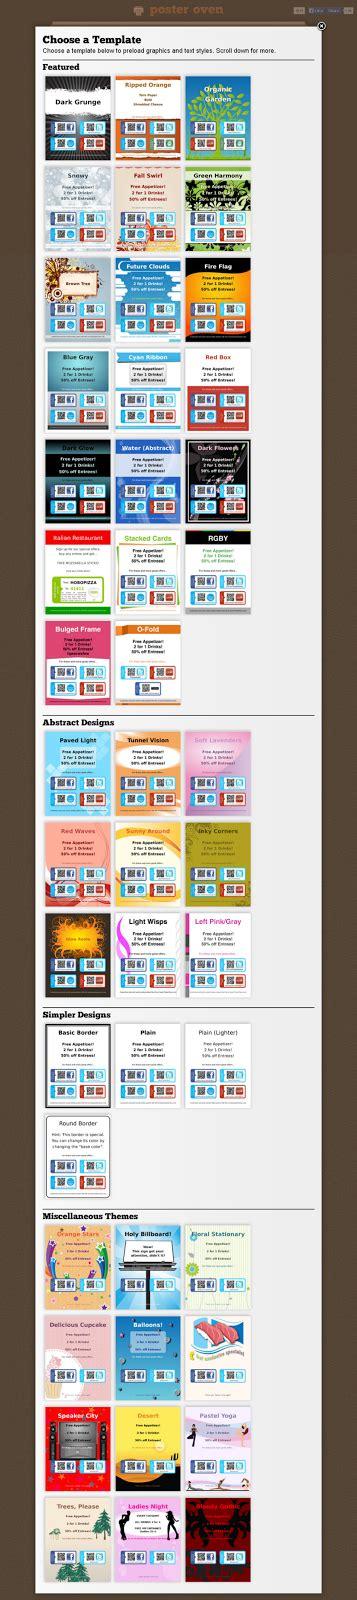 membuat poster online cara membuat poster online dalam hitungan menit murad